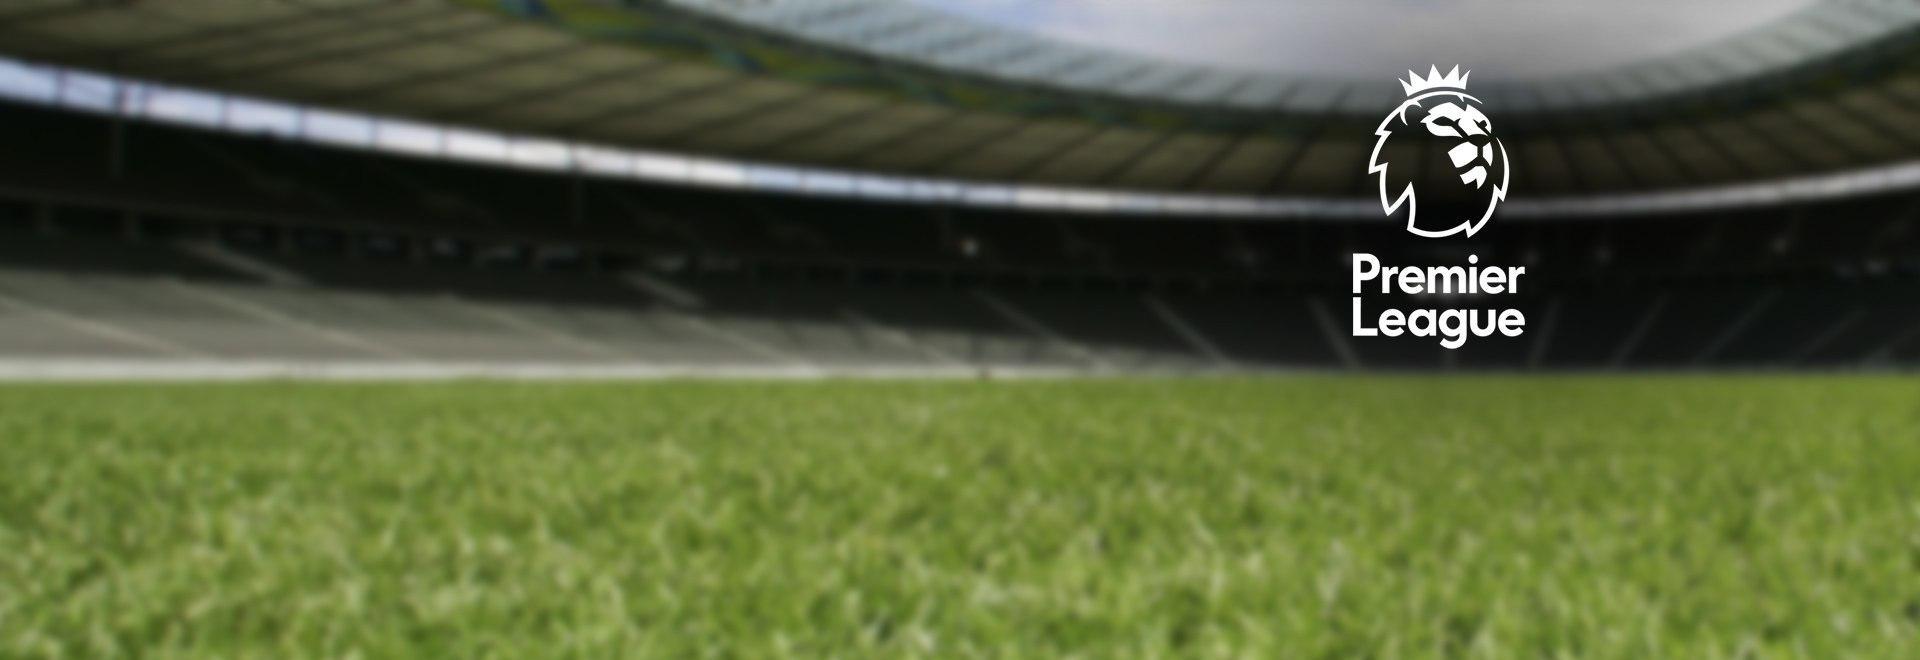 Newcastle - Brighton & Hove Albion. 2a g.